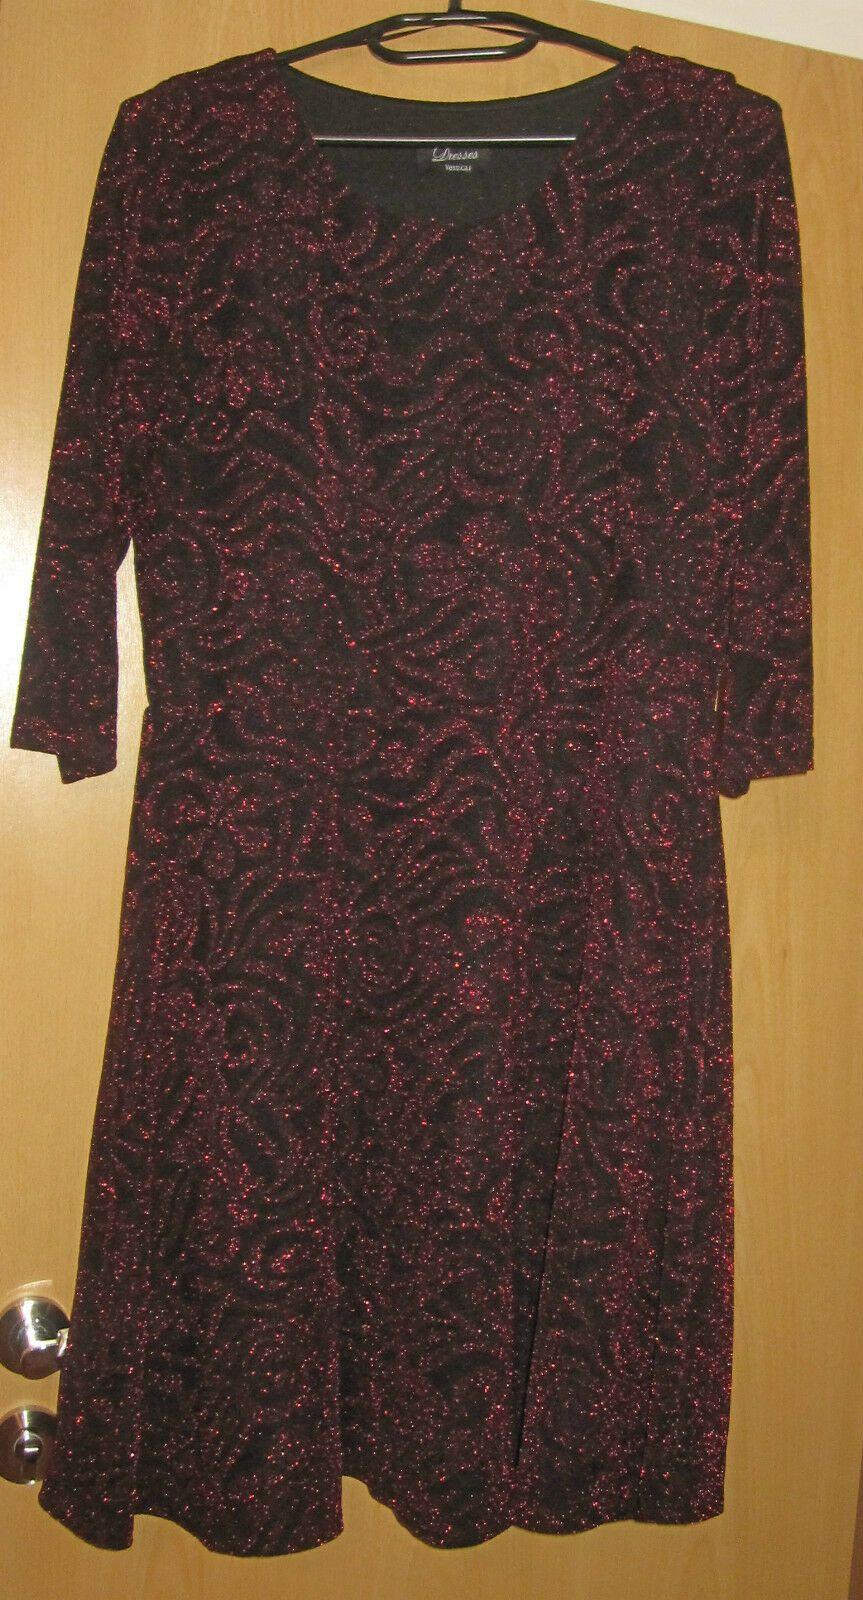 Details Zu Damen Kleid Abendkleid Gr 42 Neu C A Party Festlich High Neck Dress Fashion Neck Dress